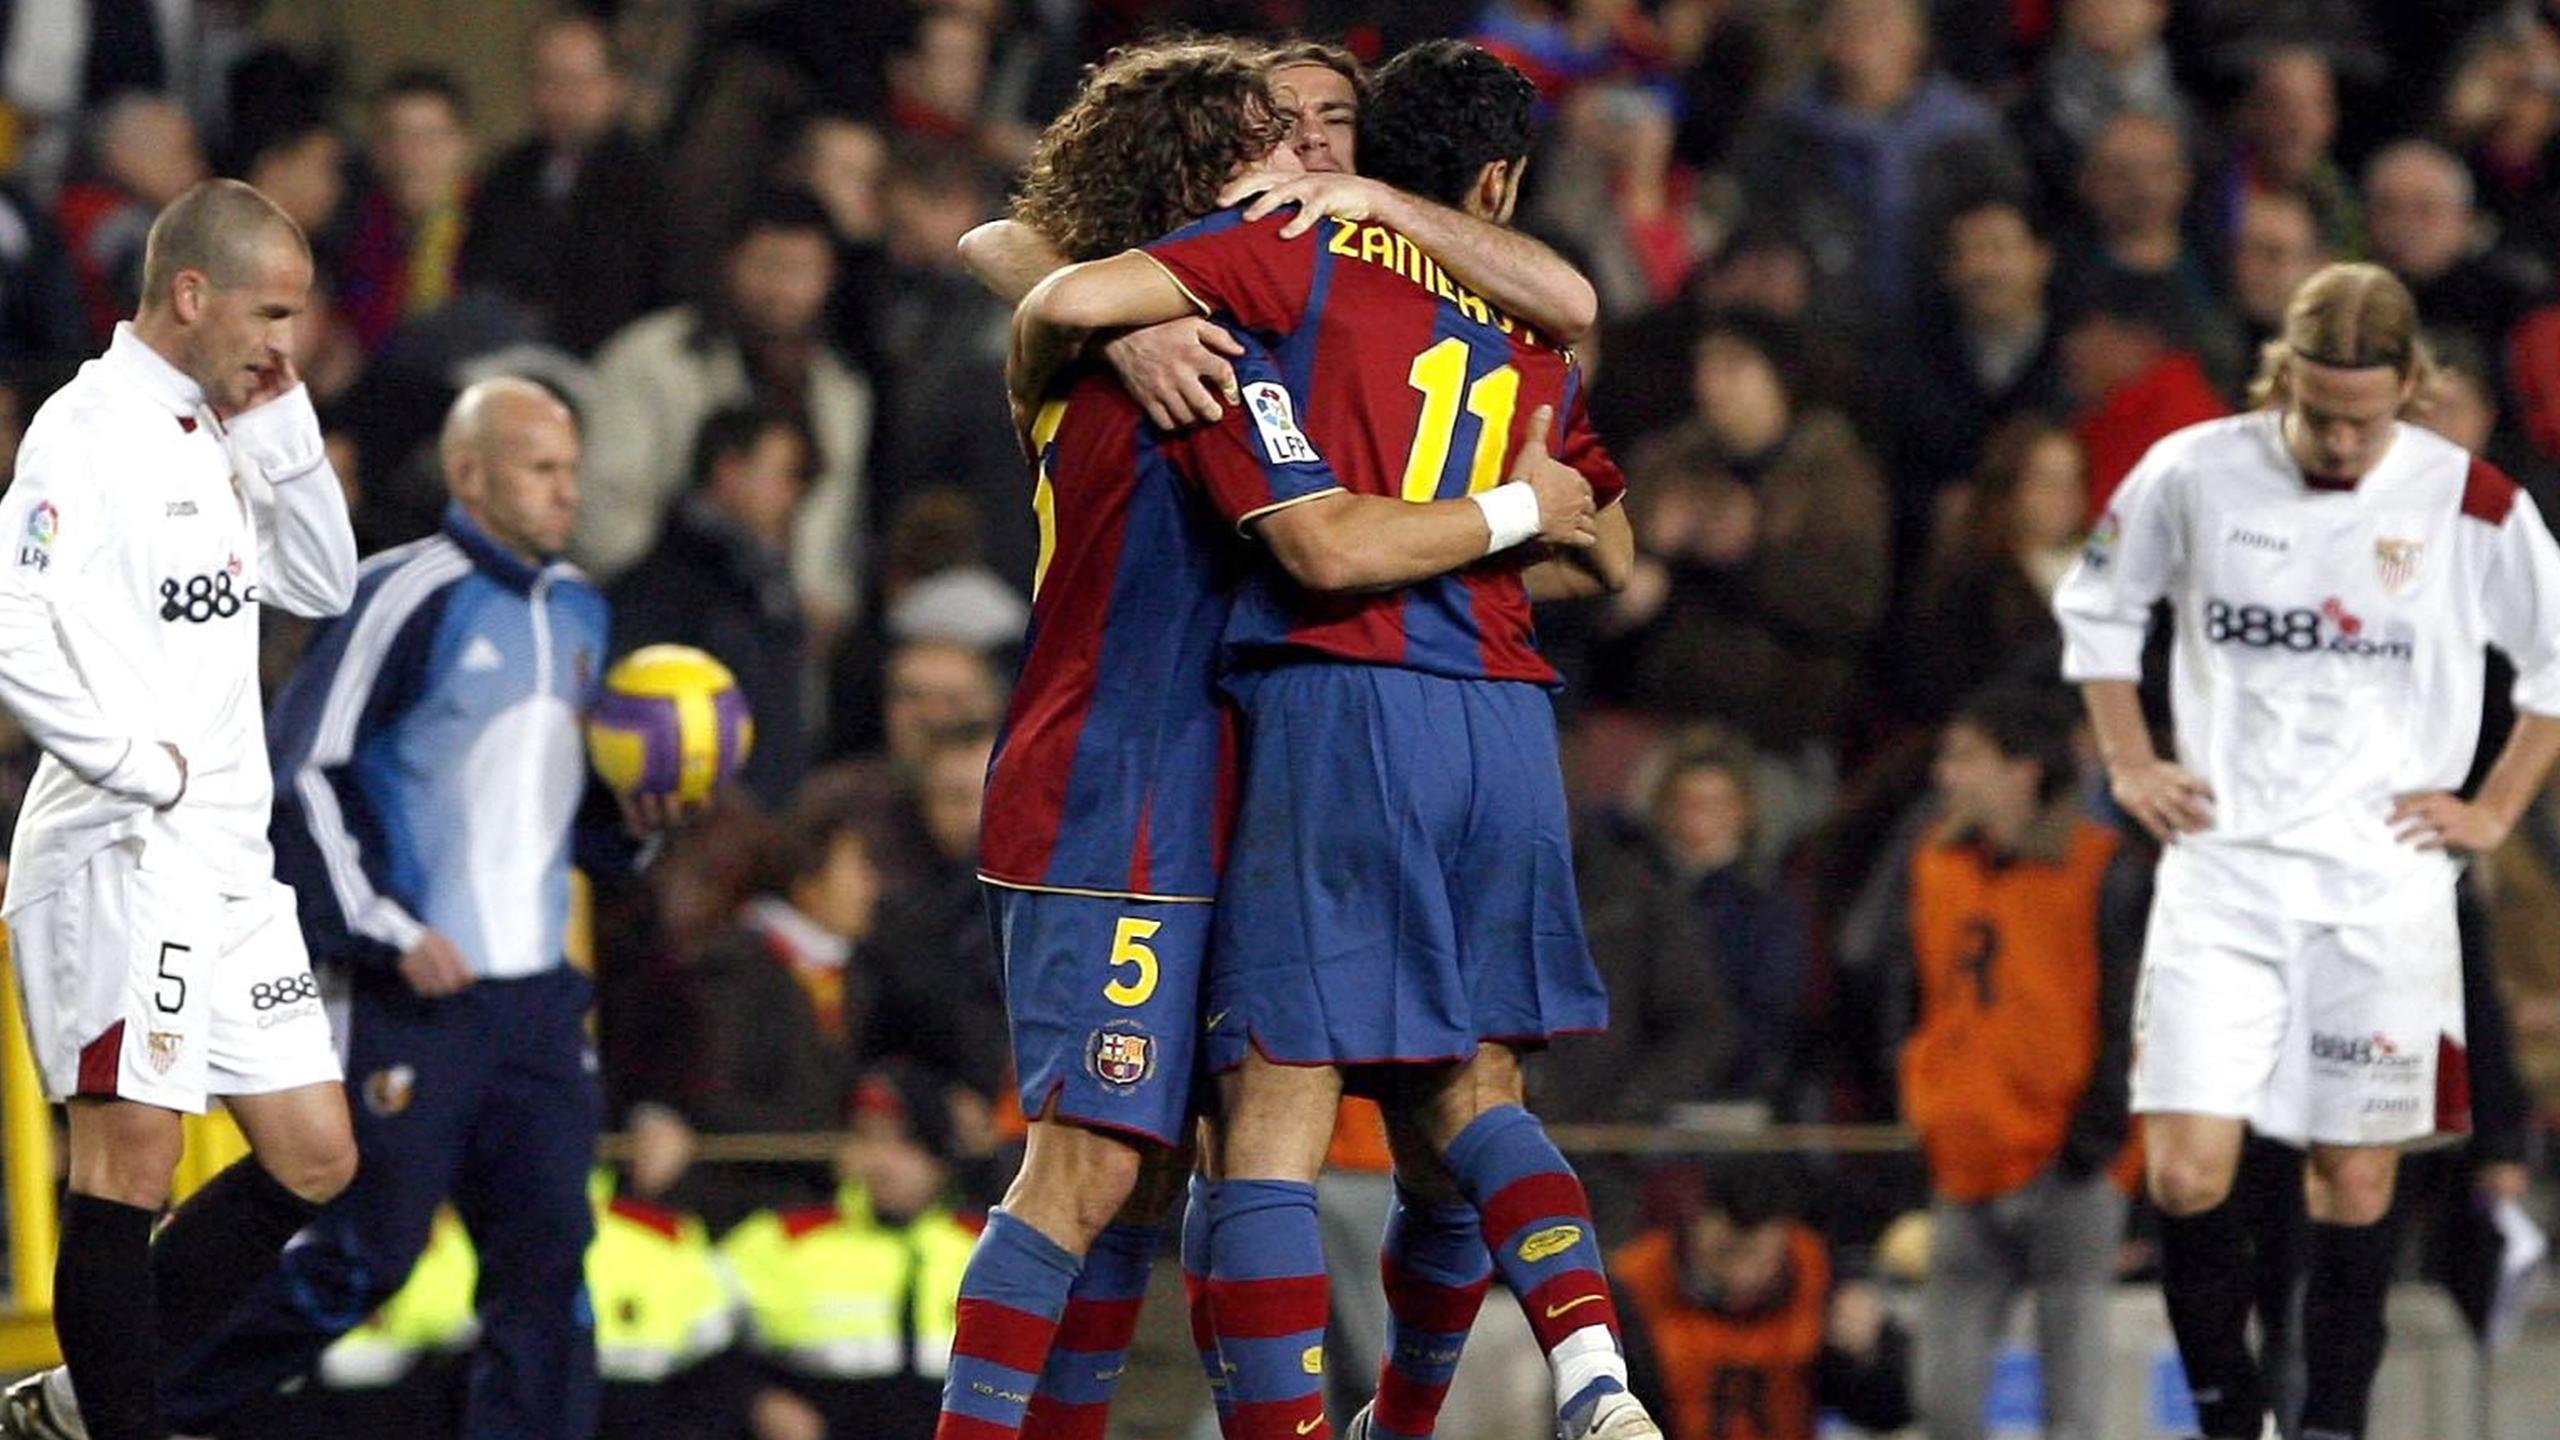 Кубок испании футбол 2007